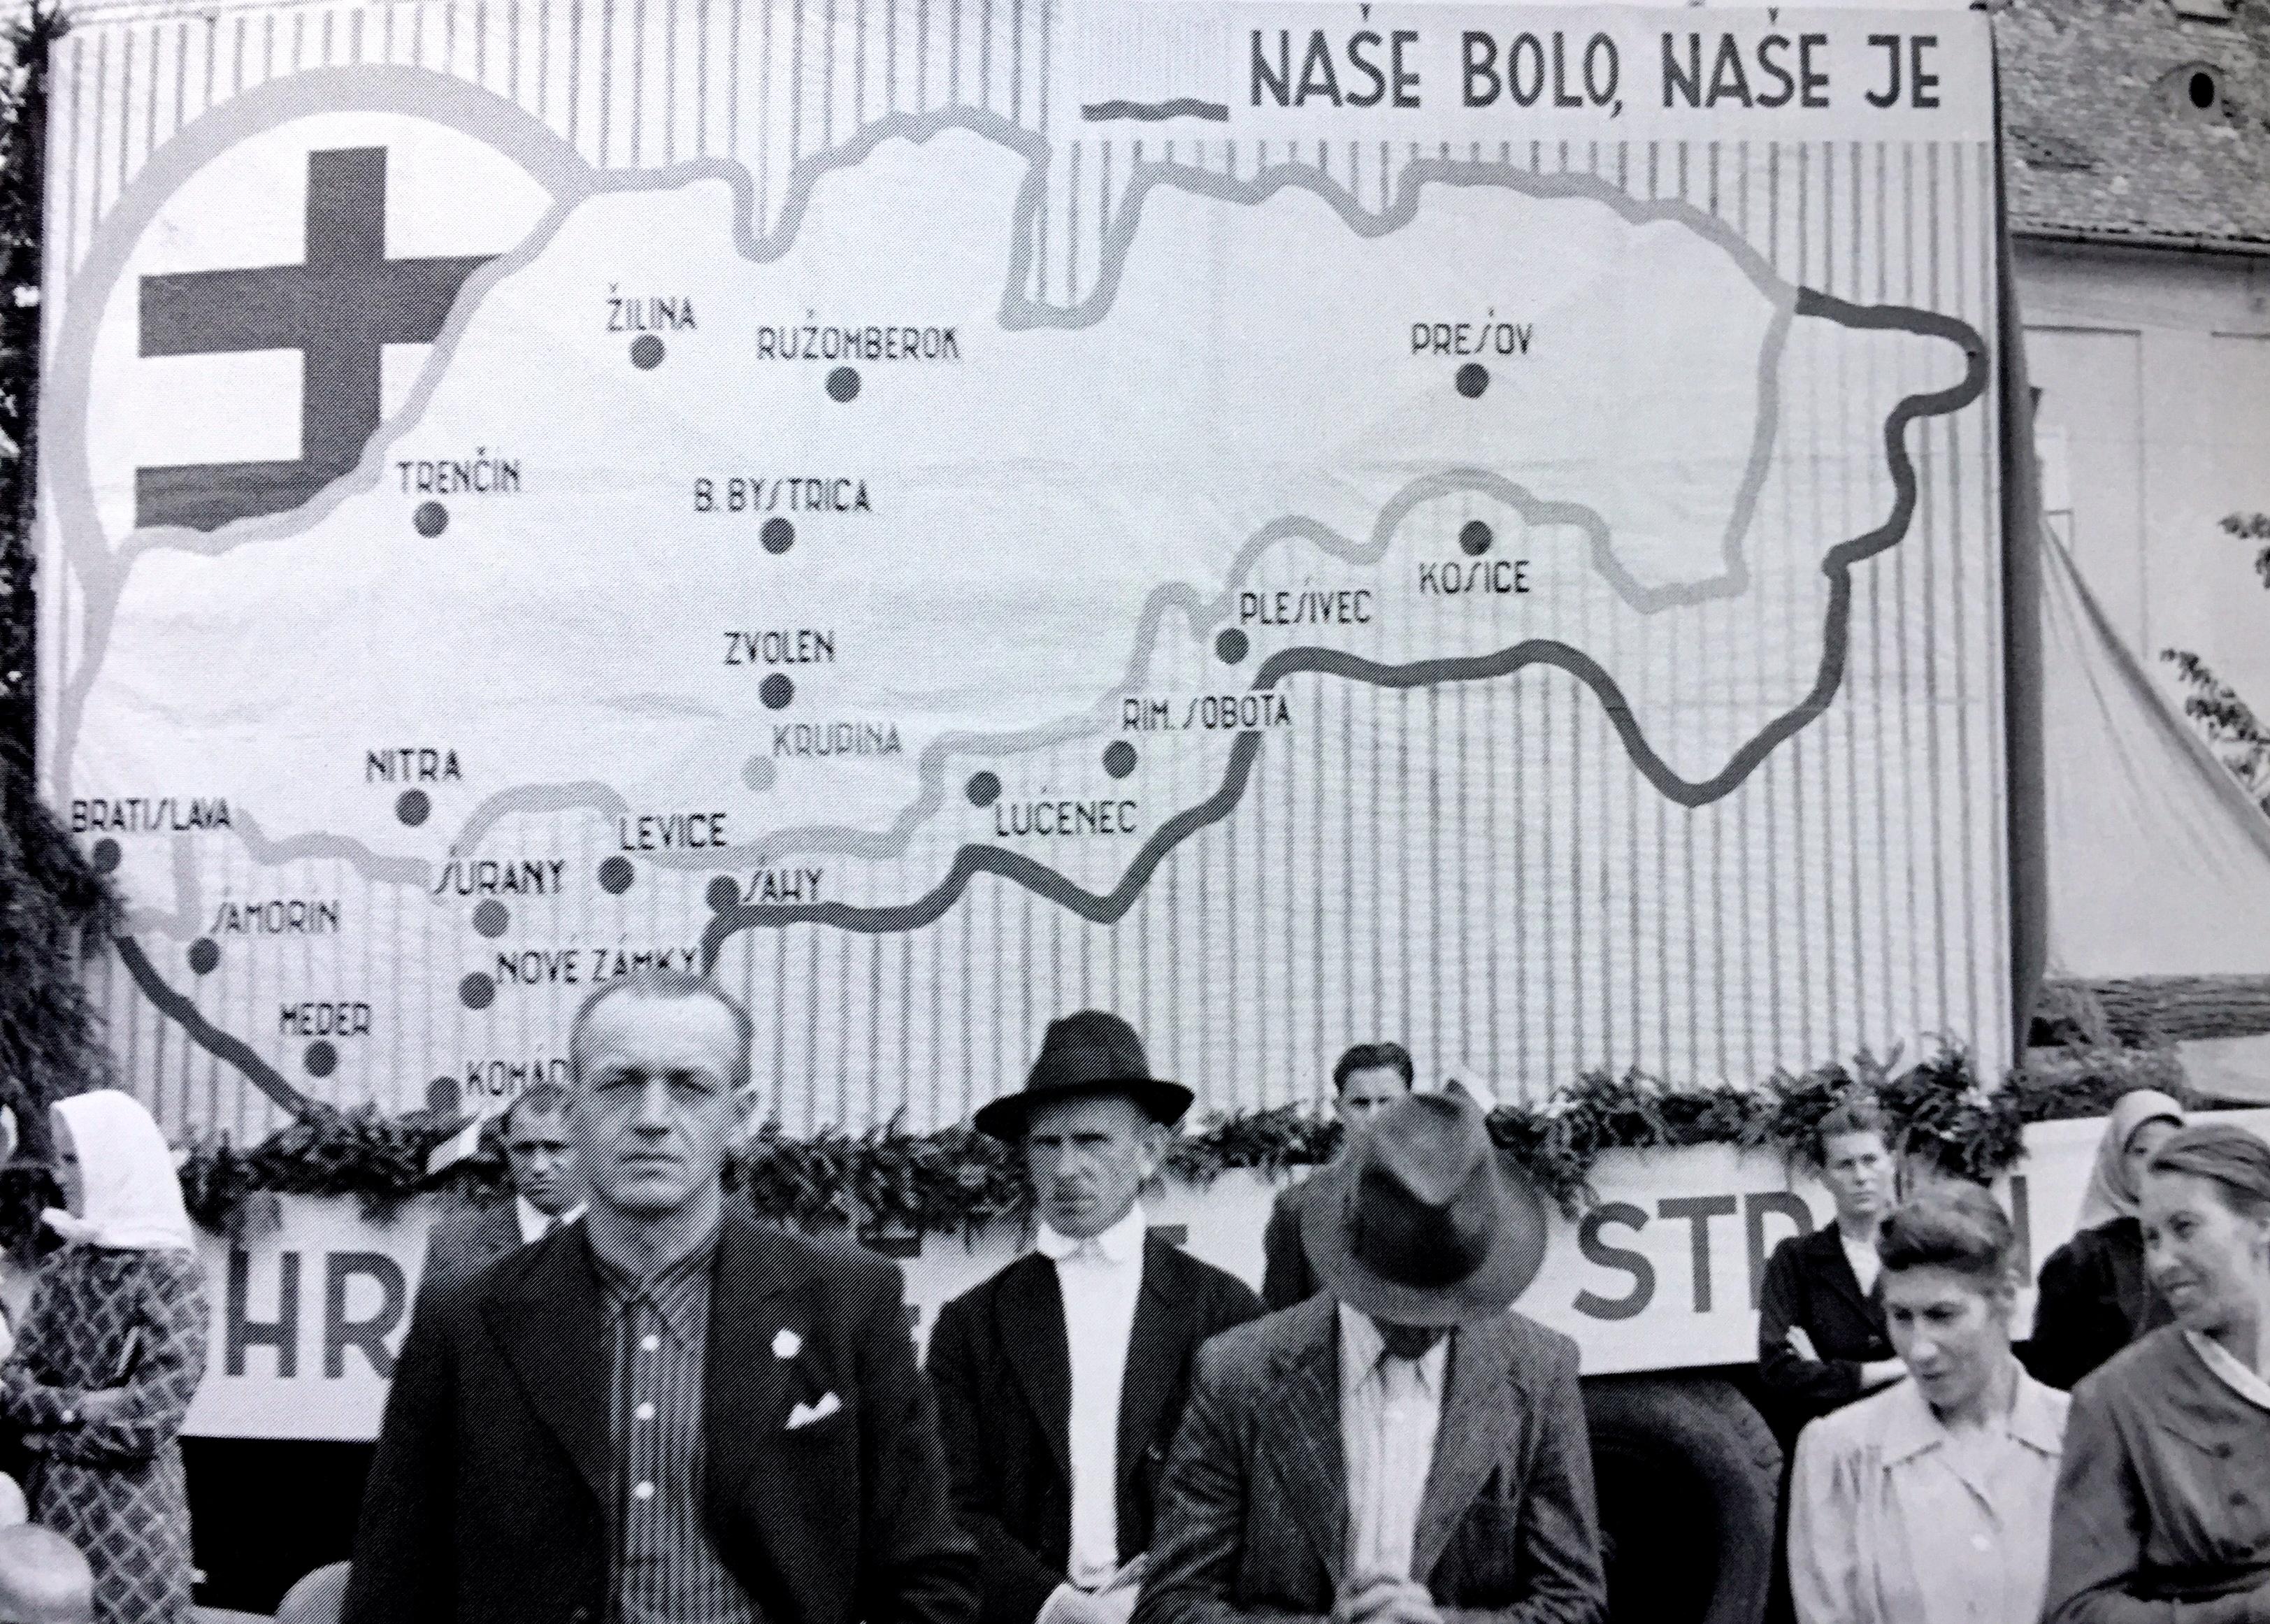 Počas kultúrno-spoločenských akciií sa často verejne manifestovalo za návrat okupovaných južných území. (Foto: archív)